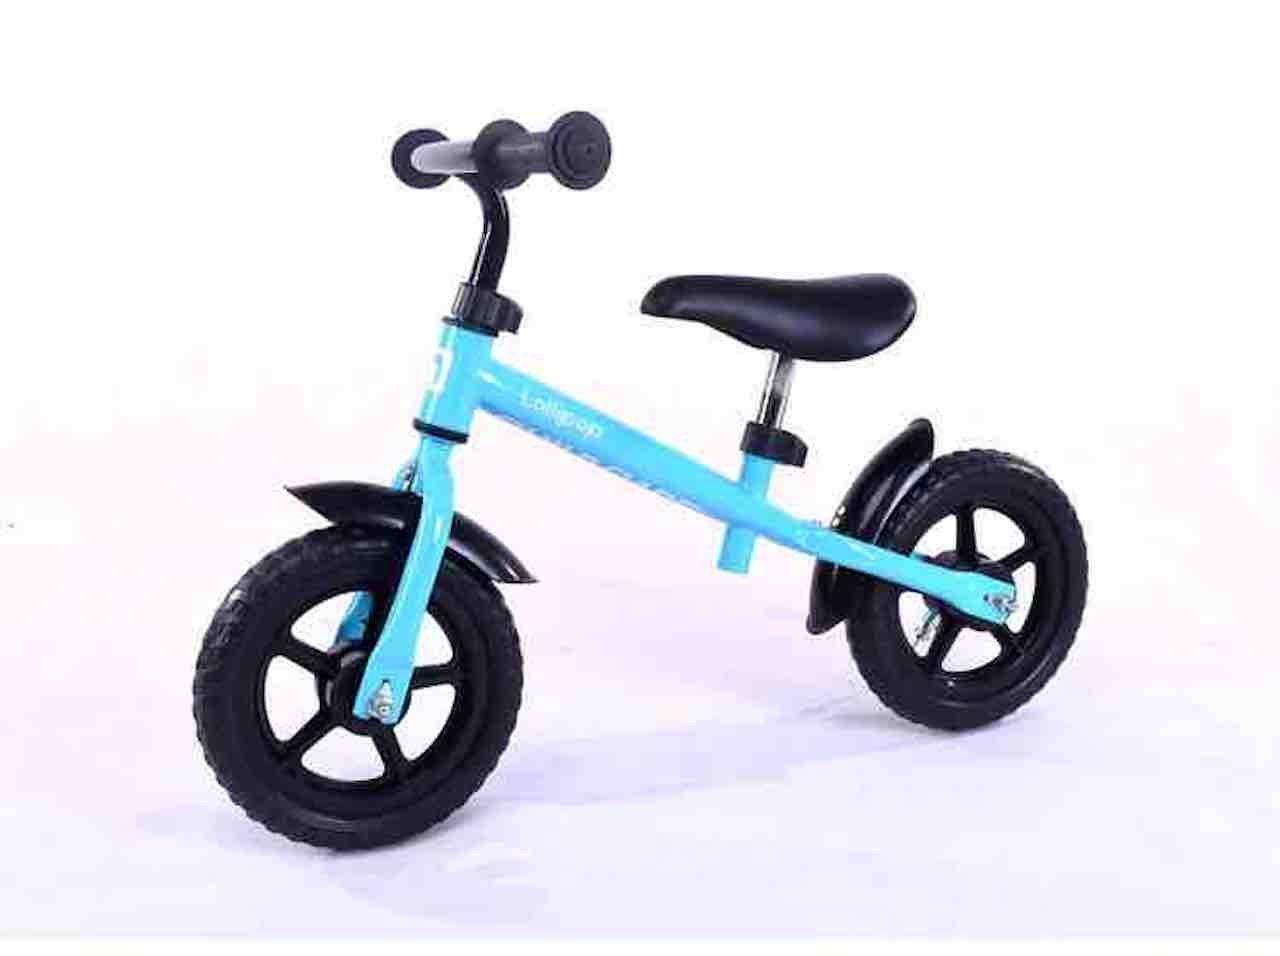 12inch子供バランス自転車、カーボンプラスチックホイール、スチールフレーム、レッド、ブルー、イエロー、ピンク、グリーン B07CVJ7YQN ブルー ブルー